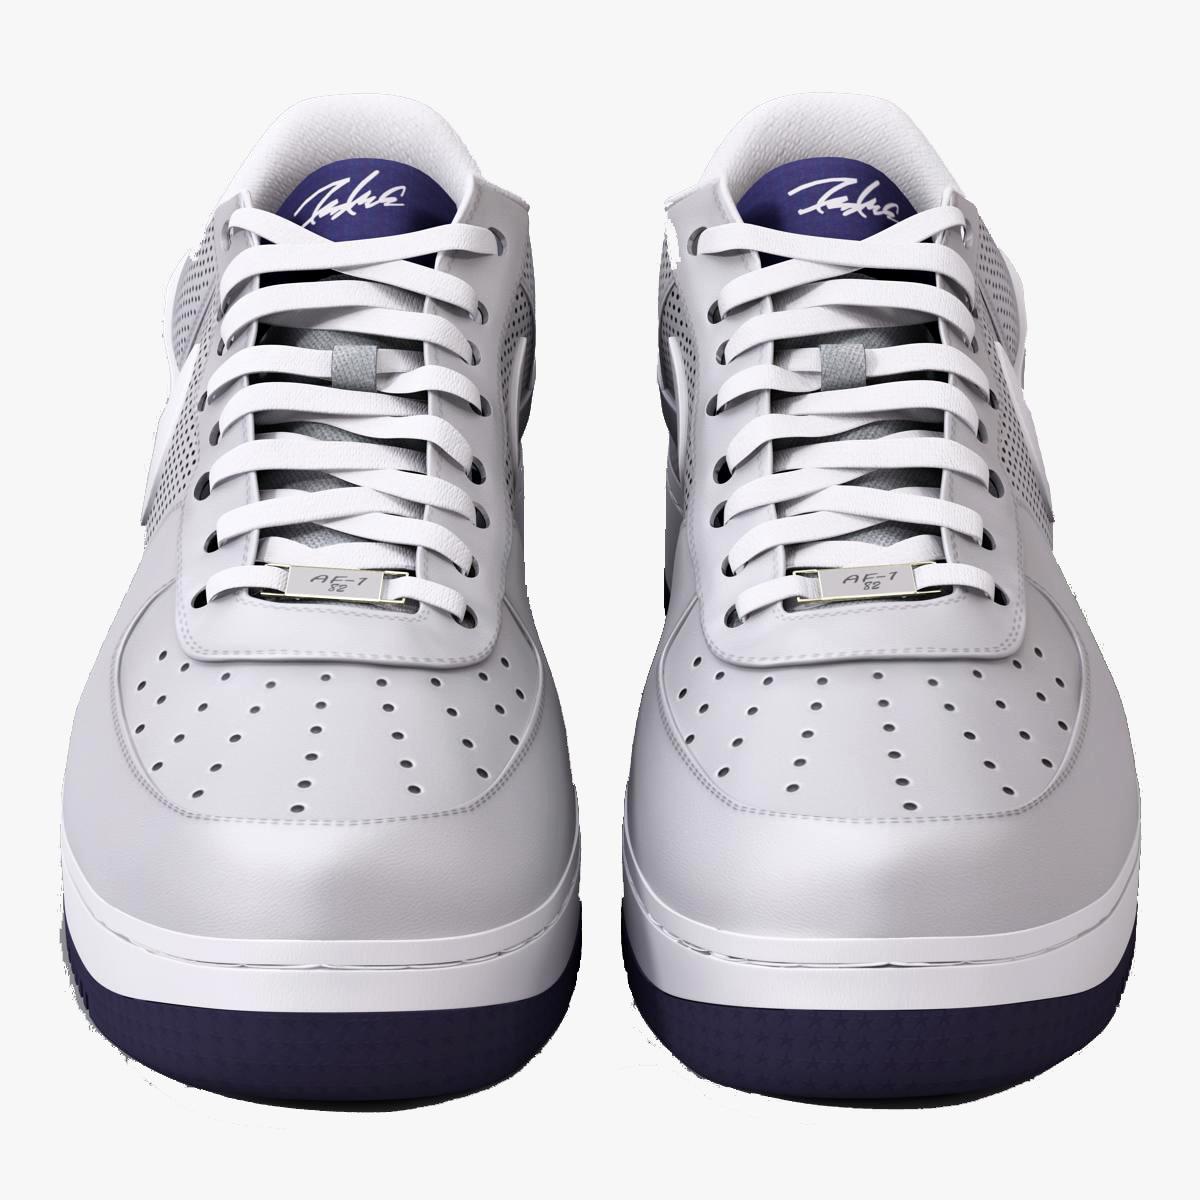 Sneakers_Nike_Air_Force_000.jpg